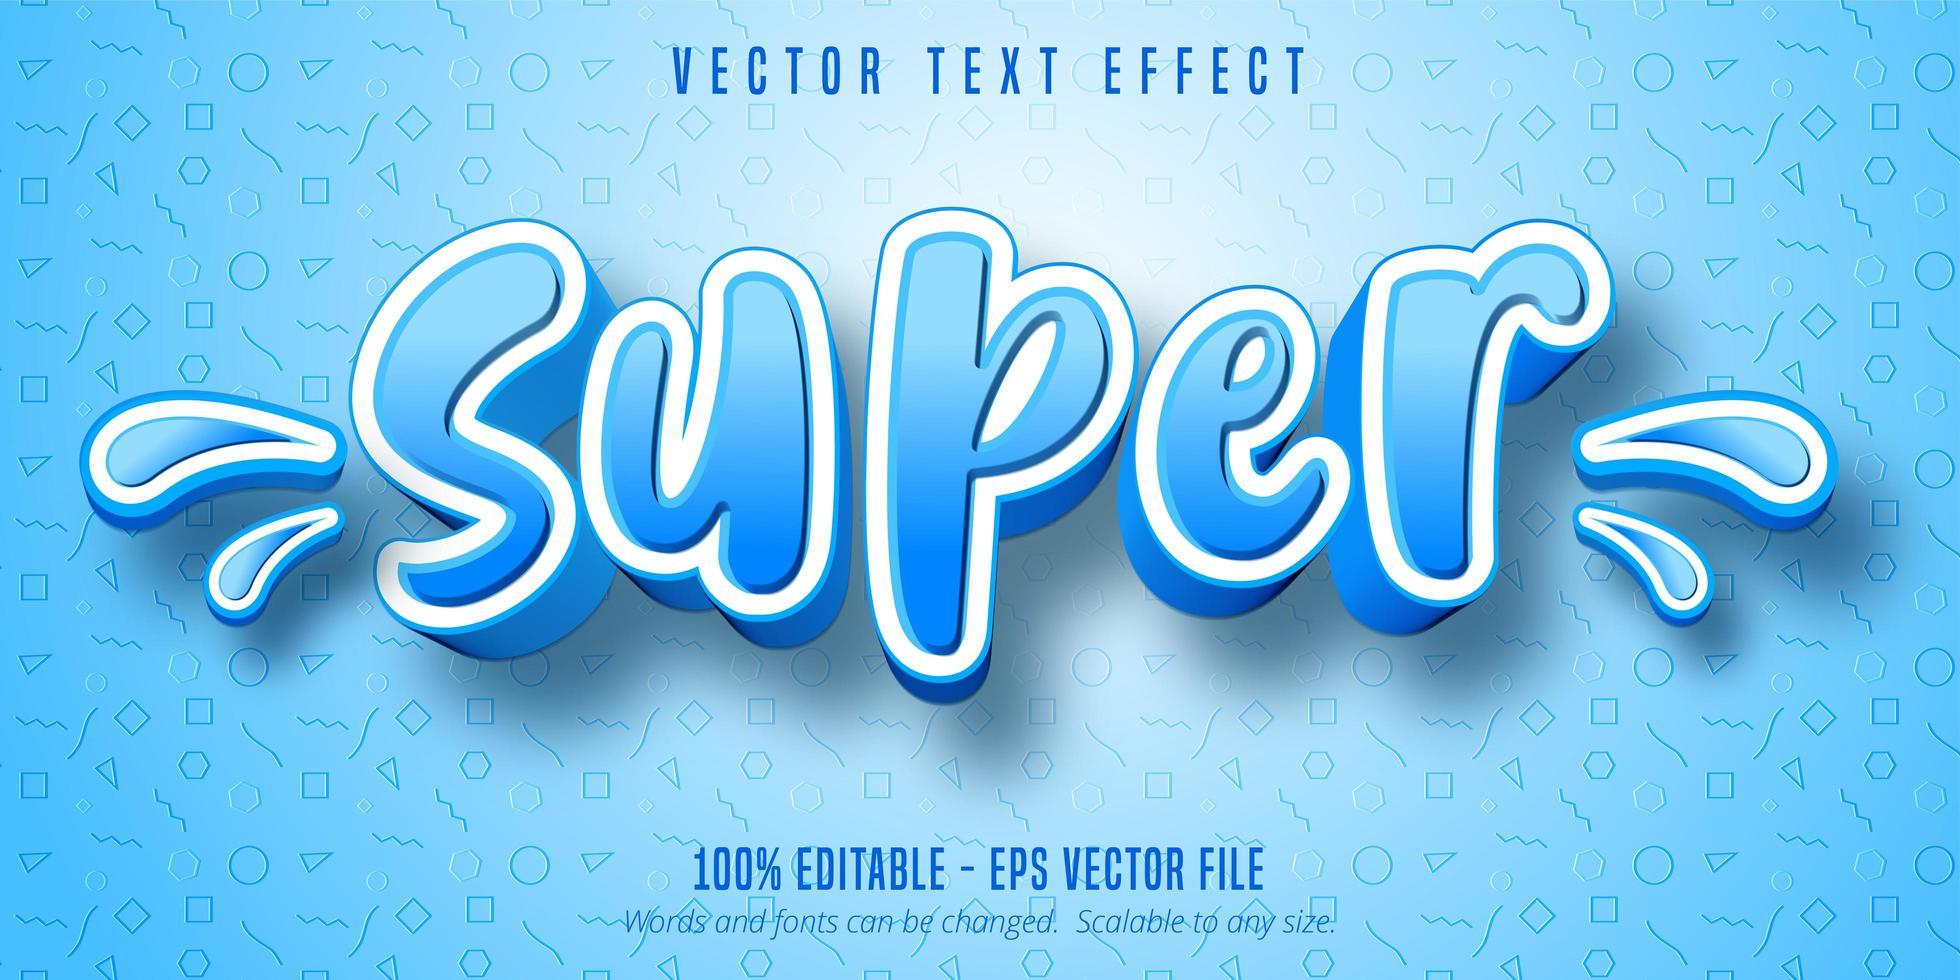 super texto, efecto de texto de estilo de dibujos animados vector